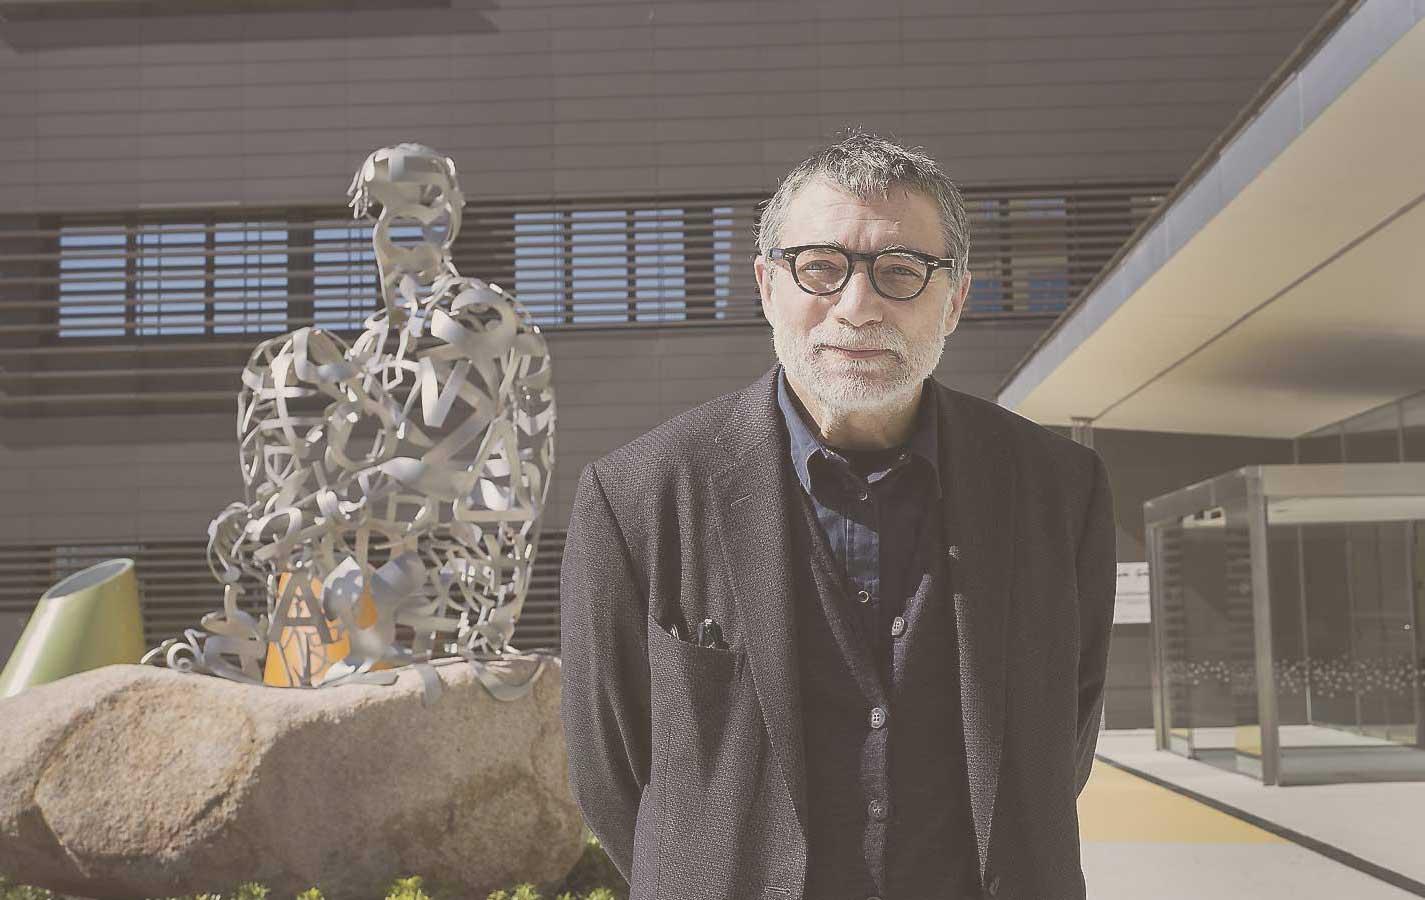 Jaume Plensa an emerging artist